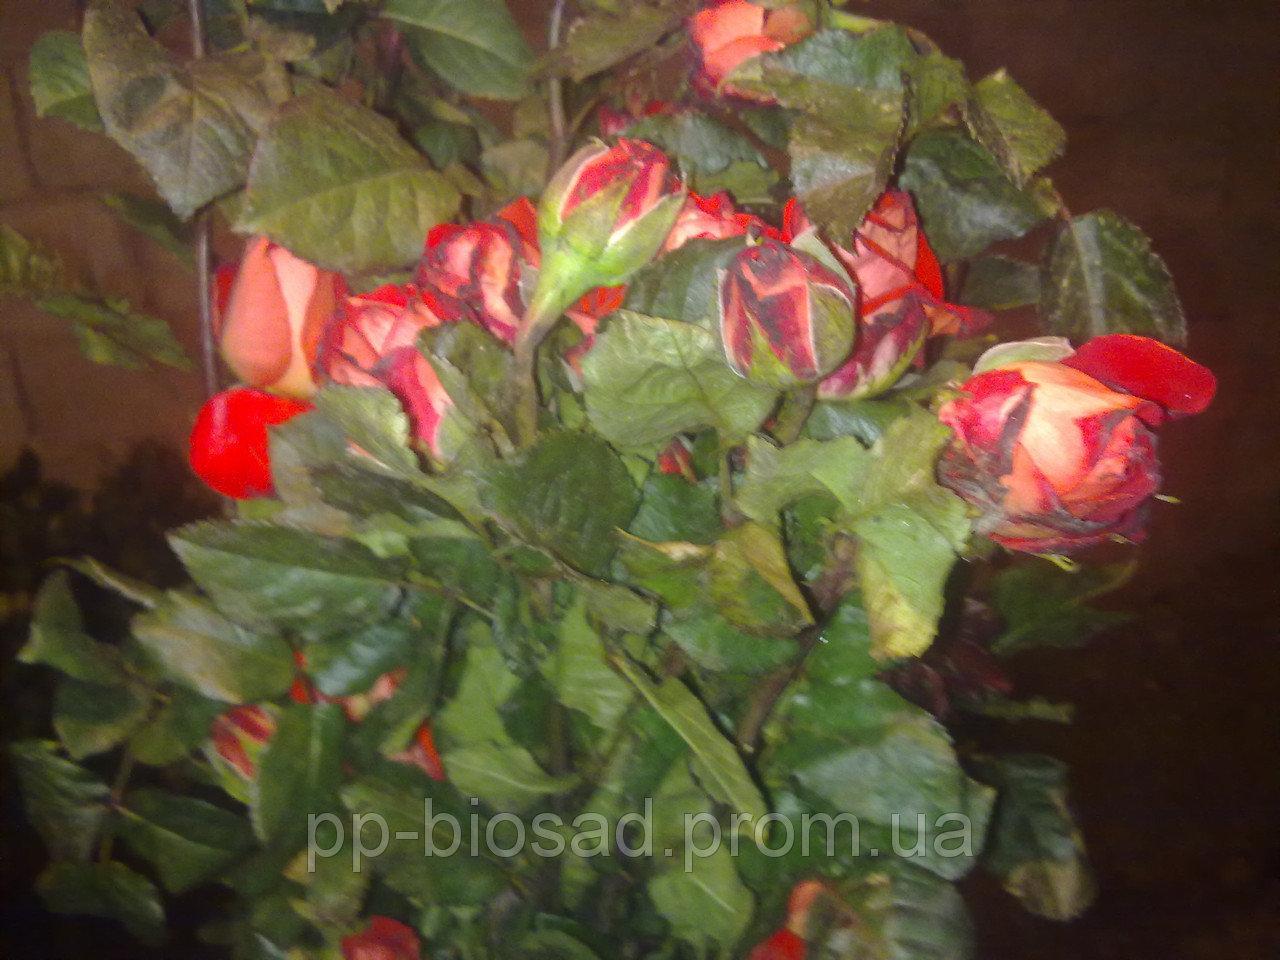 Саженцы роз в ассортименте. Опт от 1000 шт.